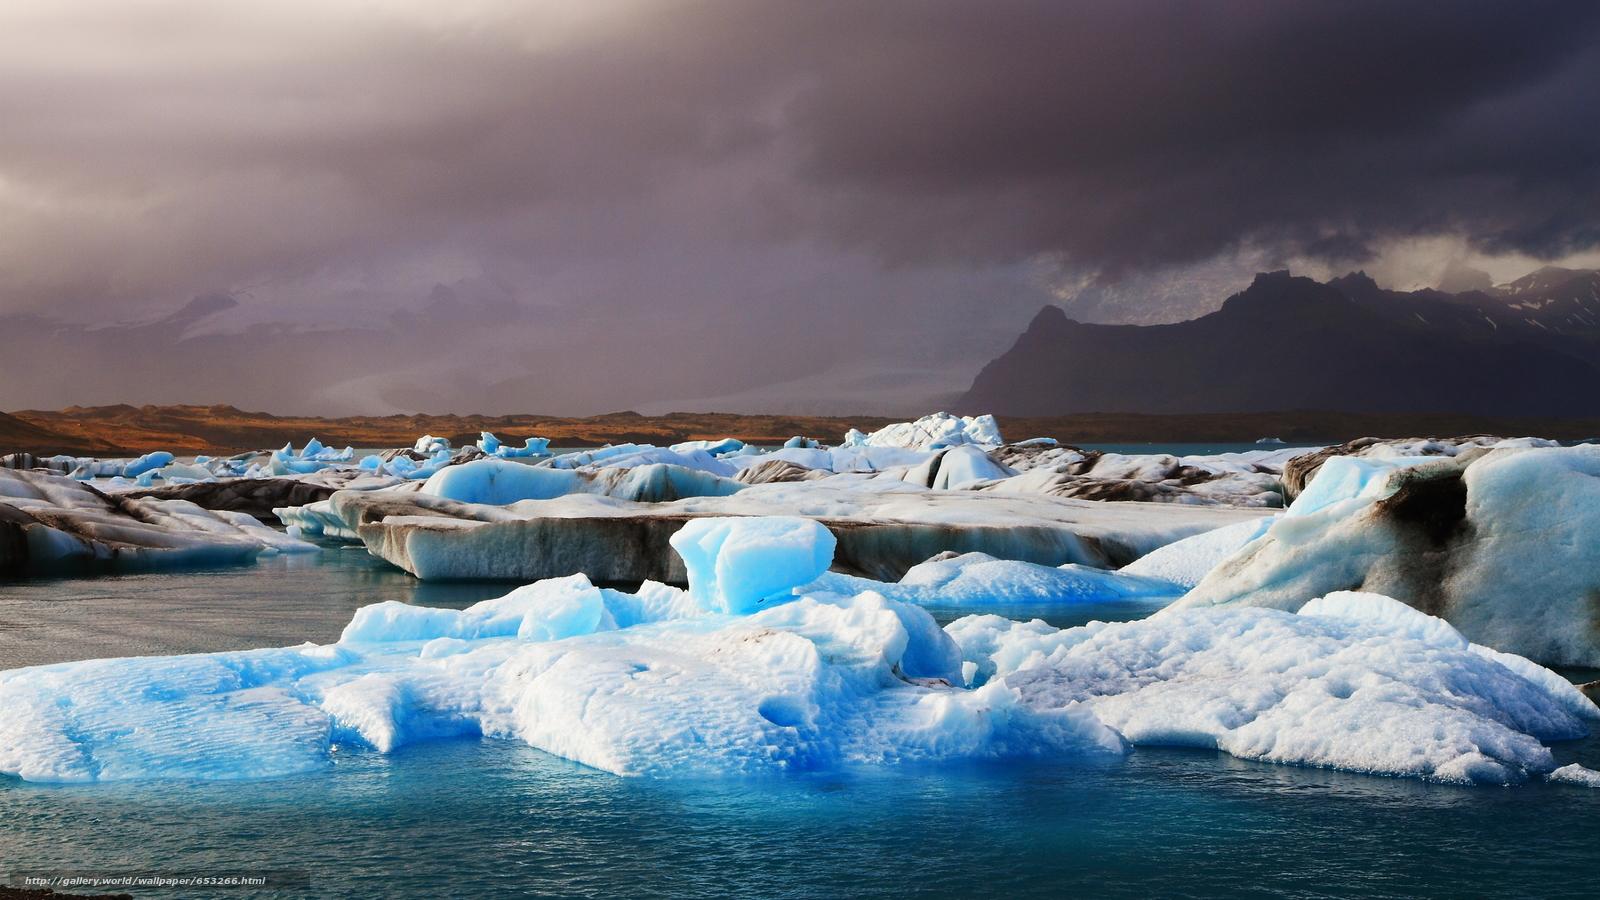 Baixar Wallpaper Islândia,  gelo,  gelo,  geleira Papis de parede grtis na resoluo 2600x1462 — quadro №653266